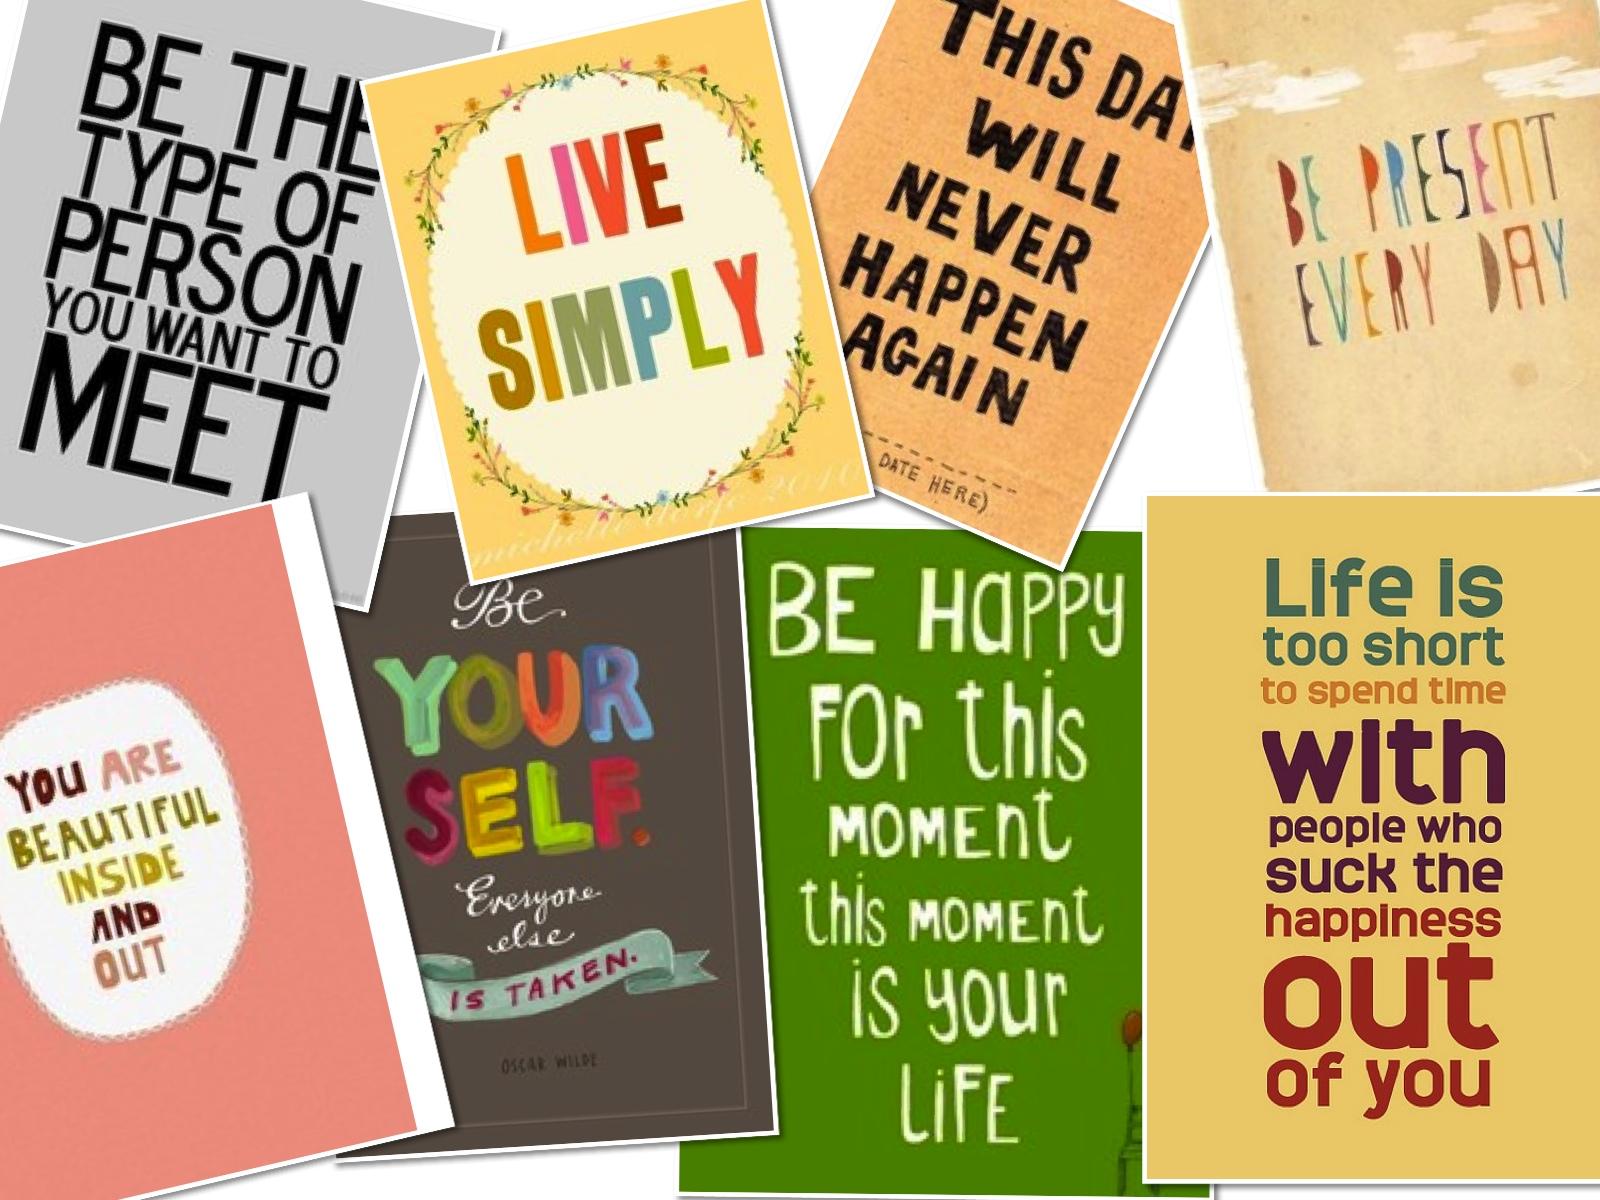 Frases que inspiran en inglés